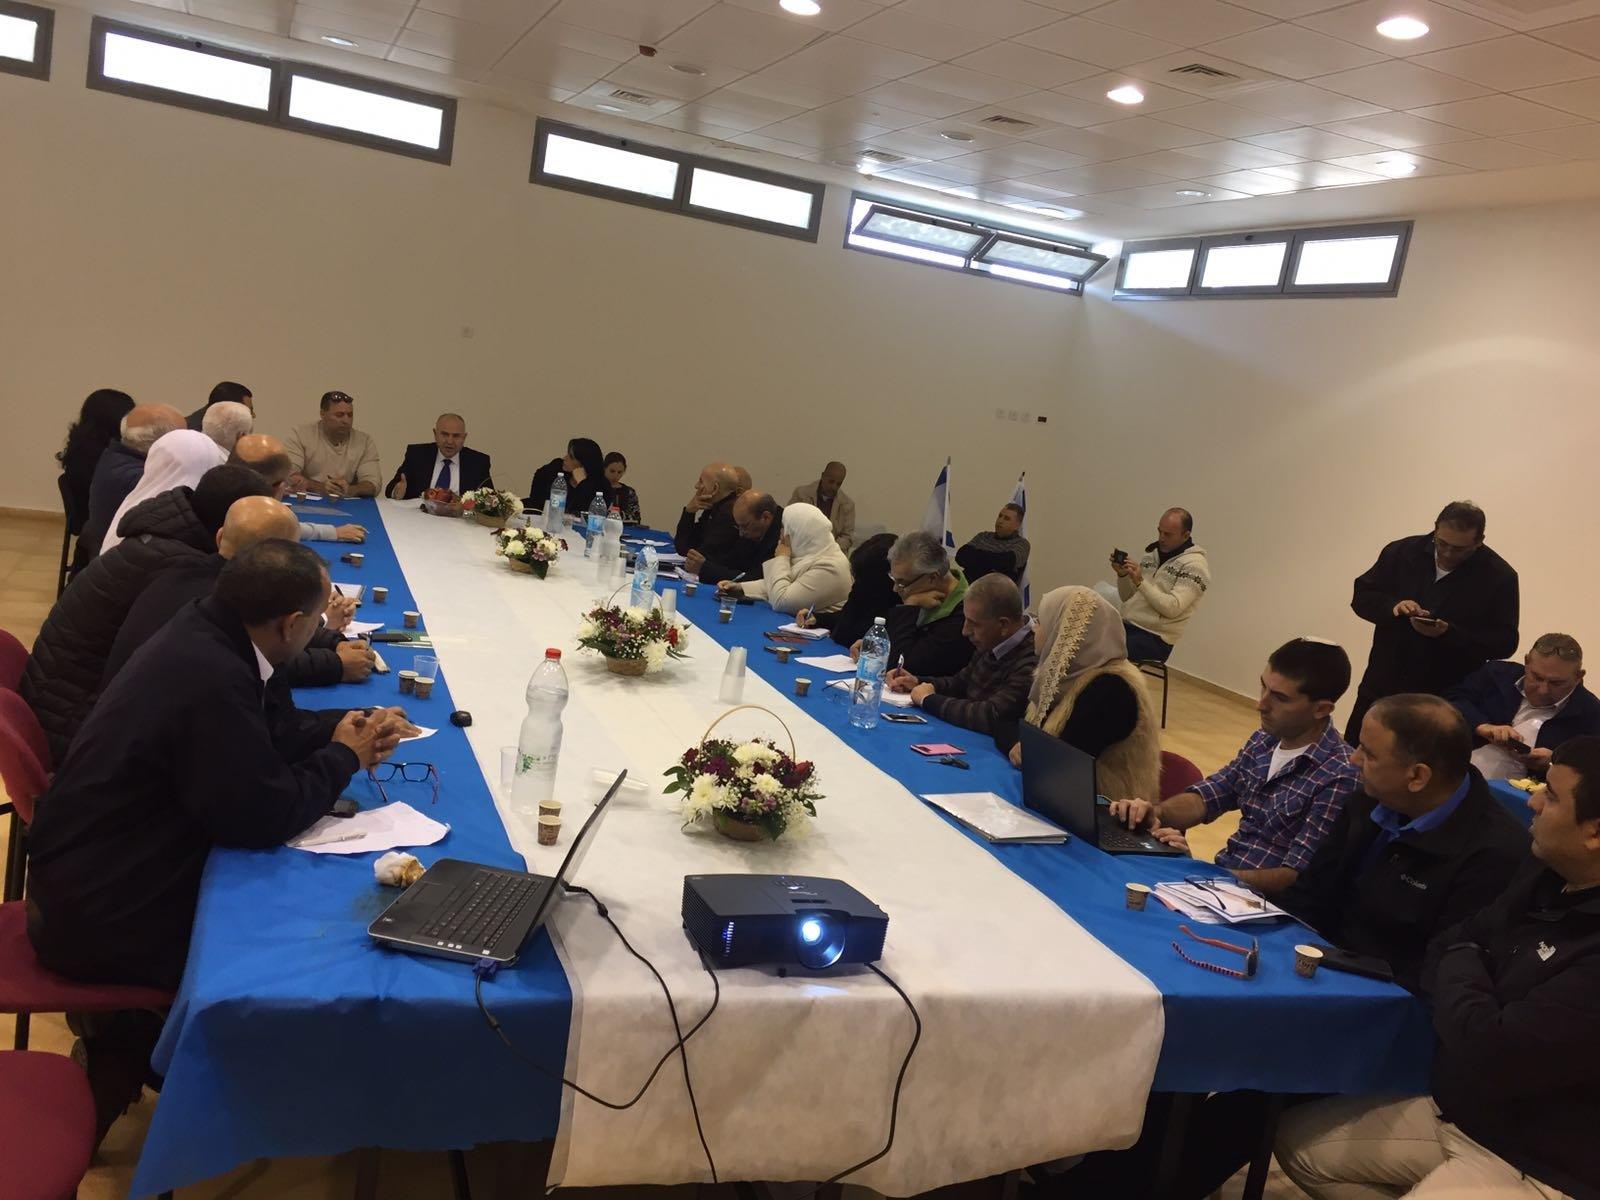 الشبلي أم الغنم: إدارة المجلس تستقبل مدير عام وزارة المعارف لبحث آخر التطورات